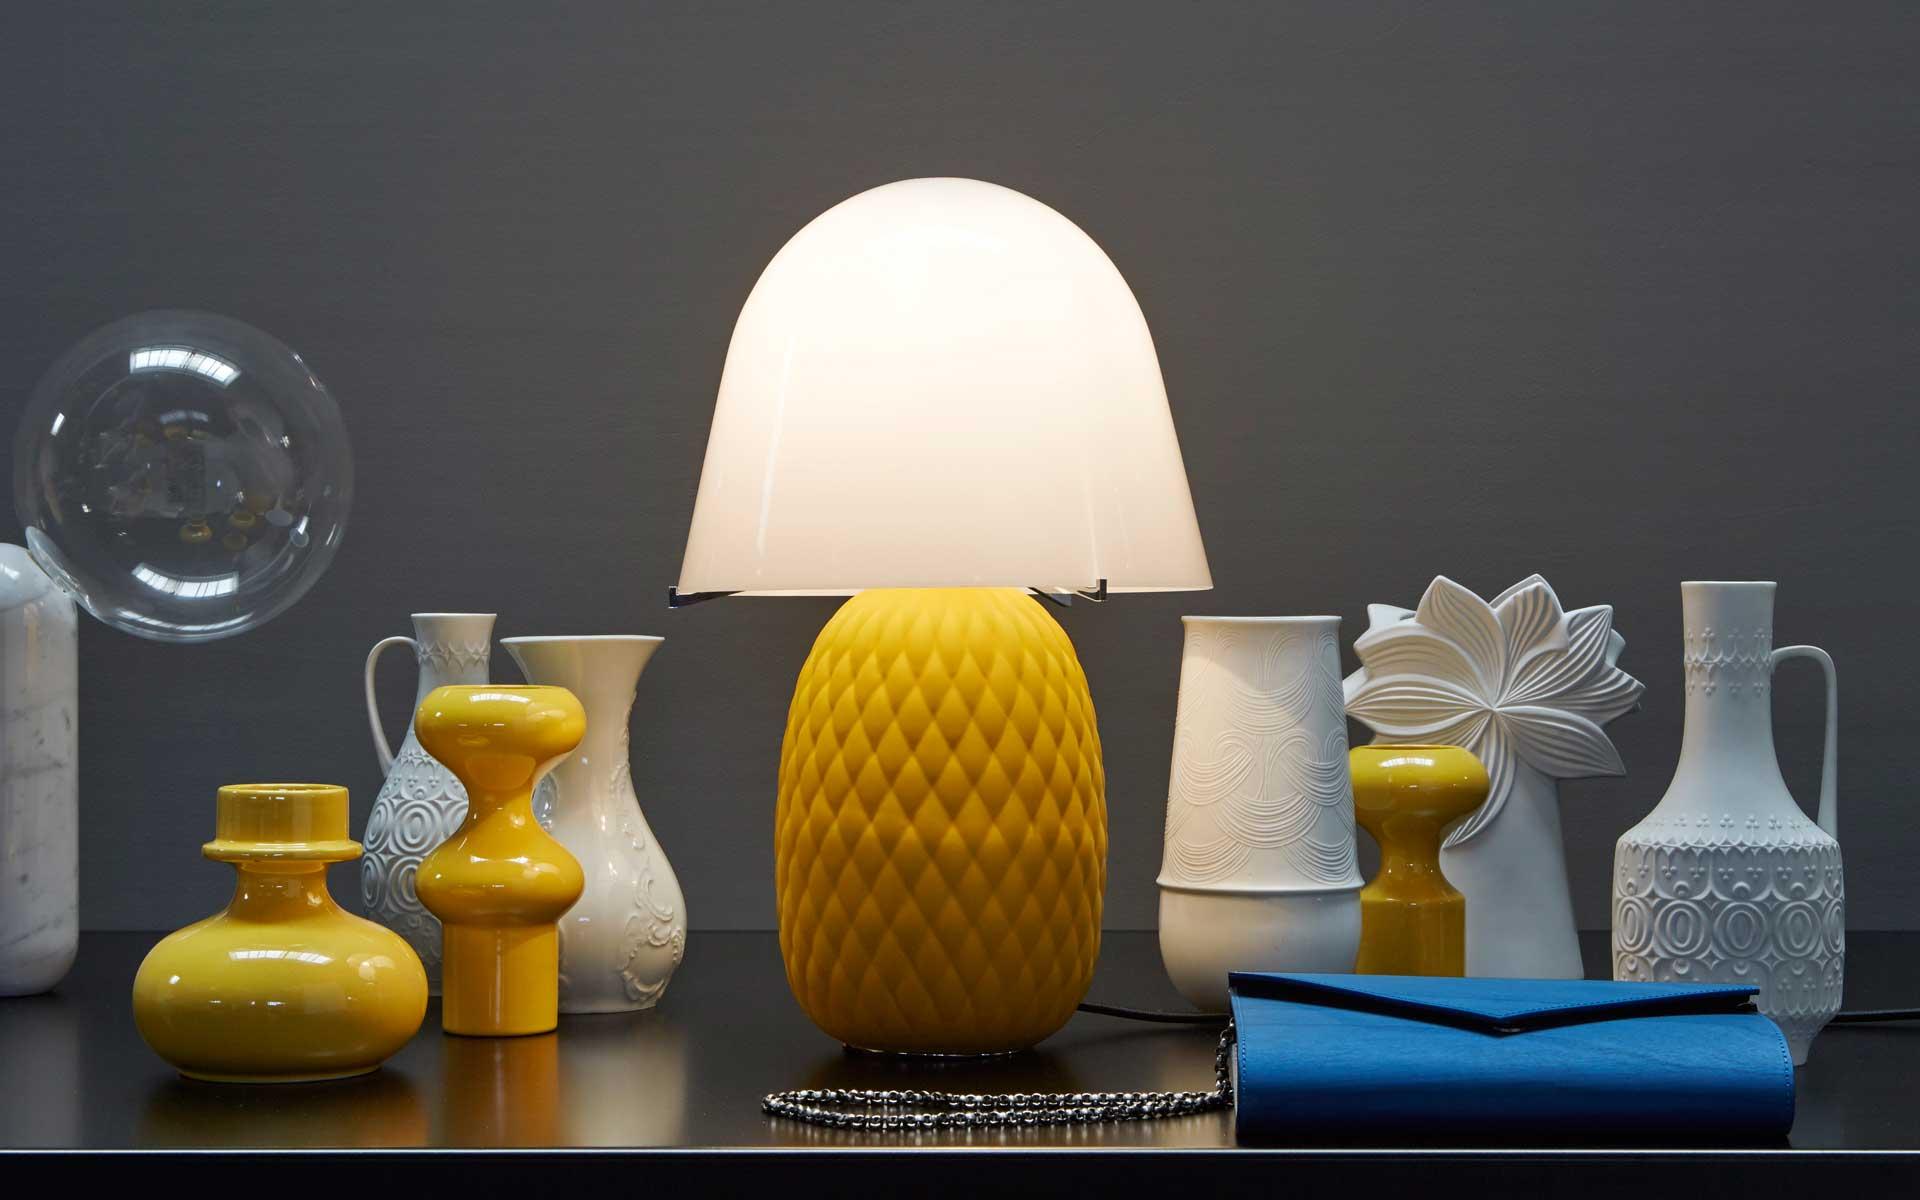 Mm lampadari srl luce in veneto for Mm lampadari